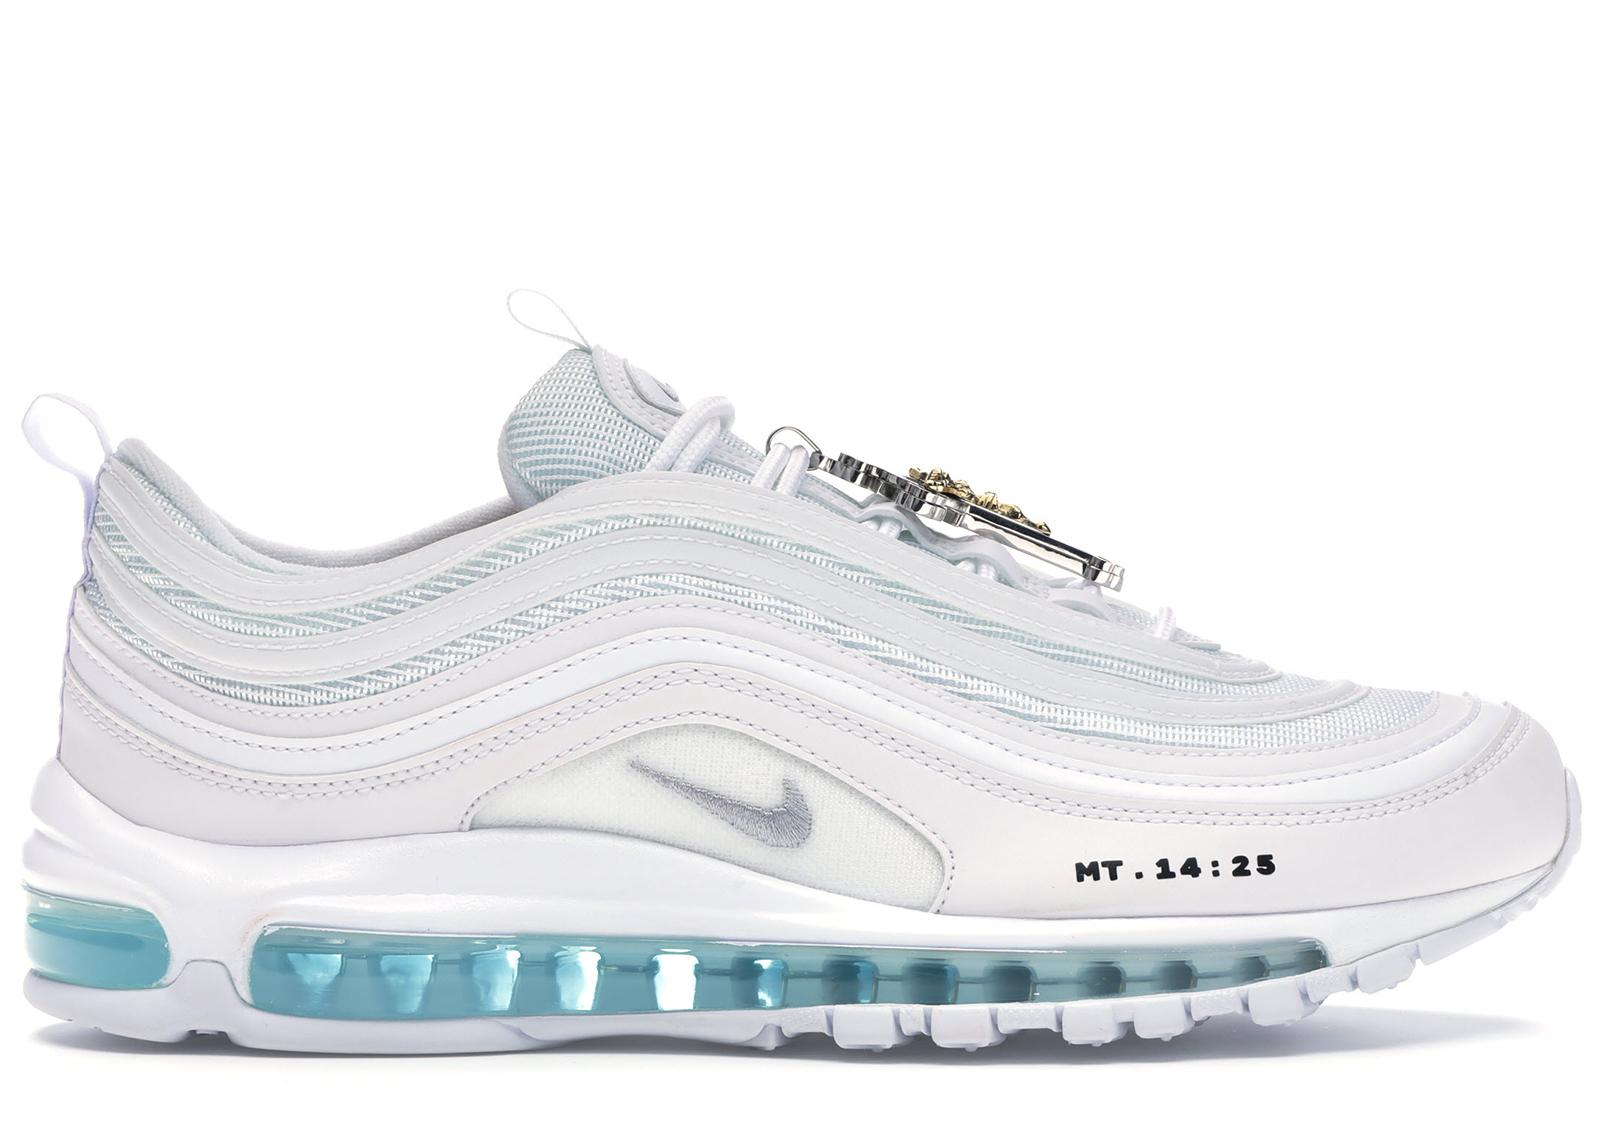 chaussures air max nike 97